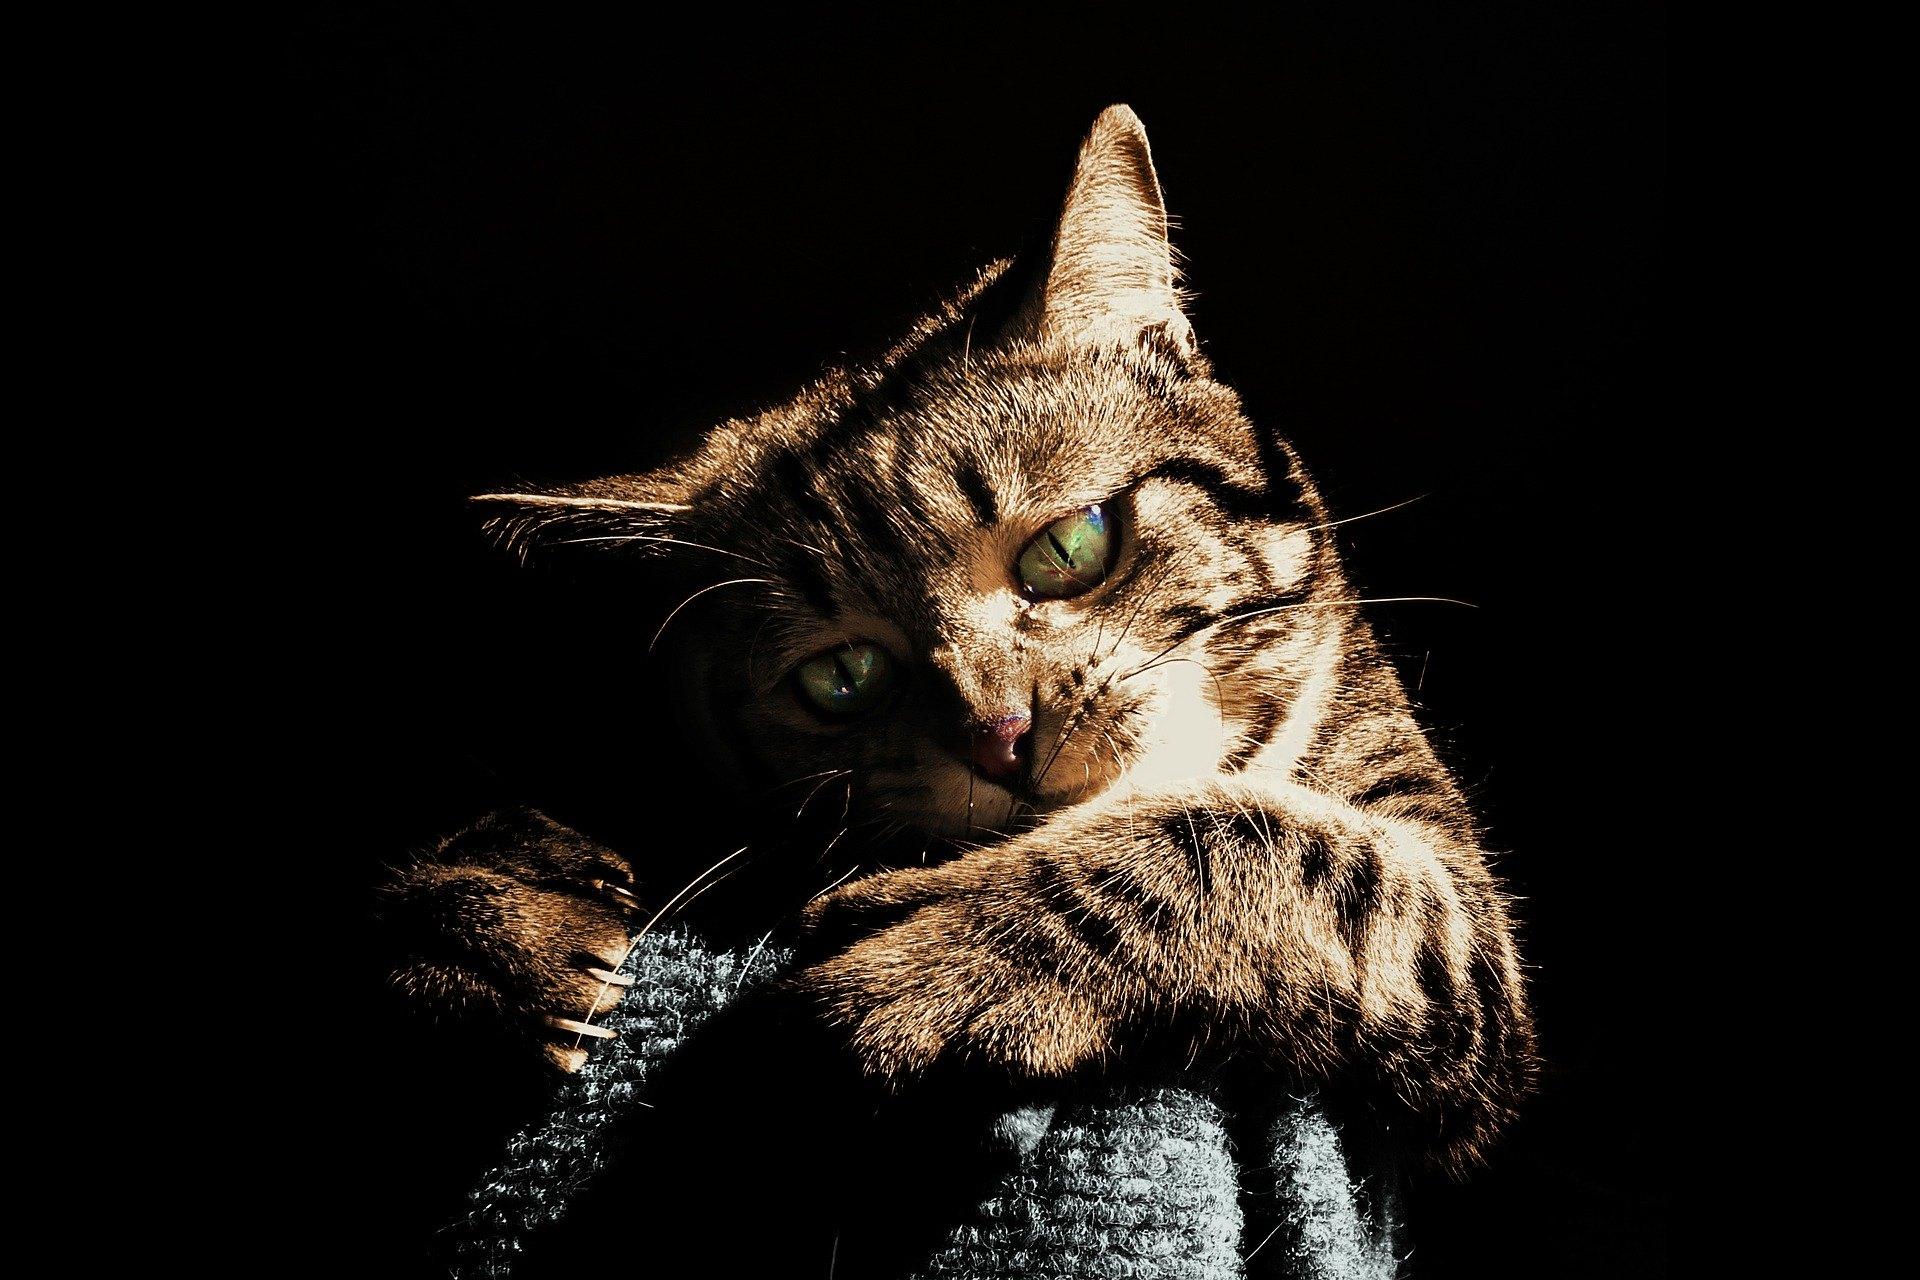 Uhryznutie mačky nikdy nesmiete podceňovať - môže sa stať príčinou vážnej infekcie, ktorá si vyžaduje hospitalizáciu.